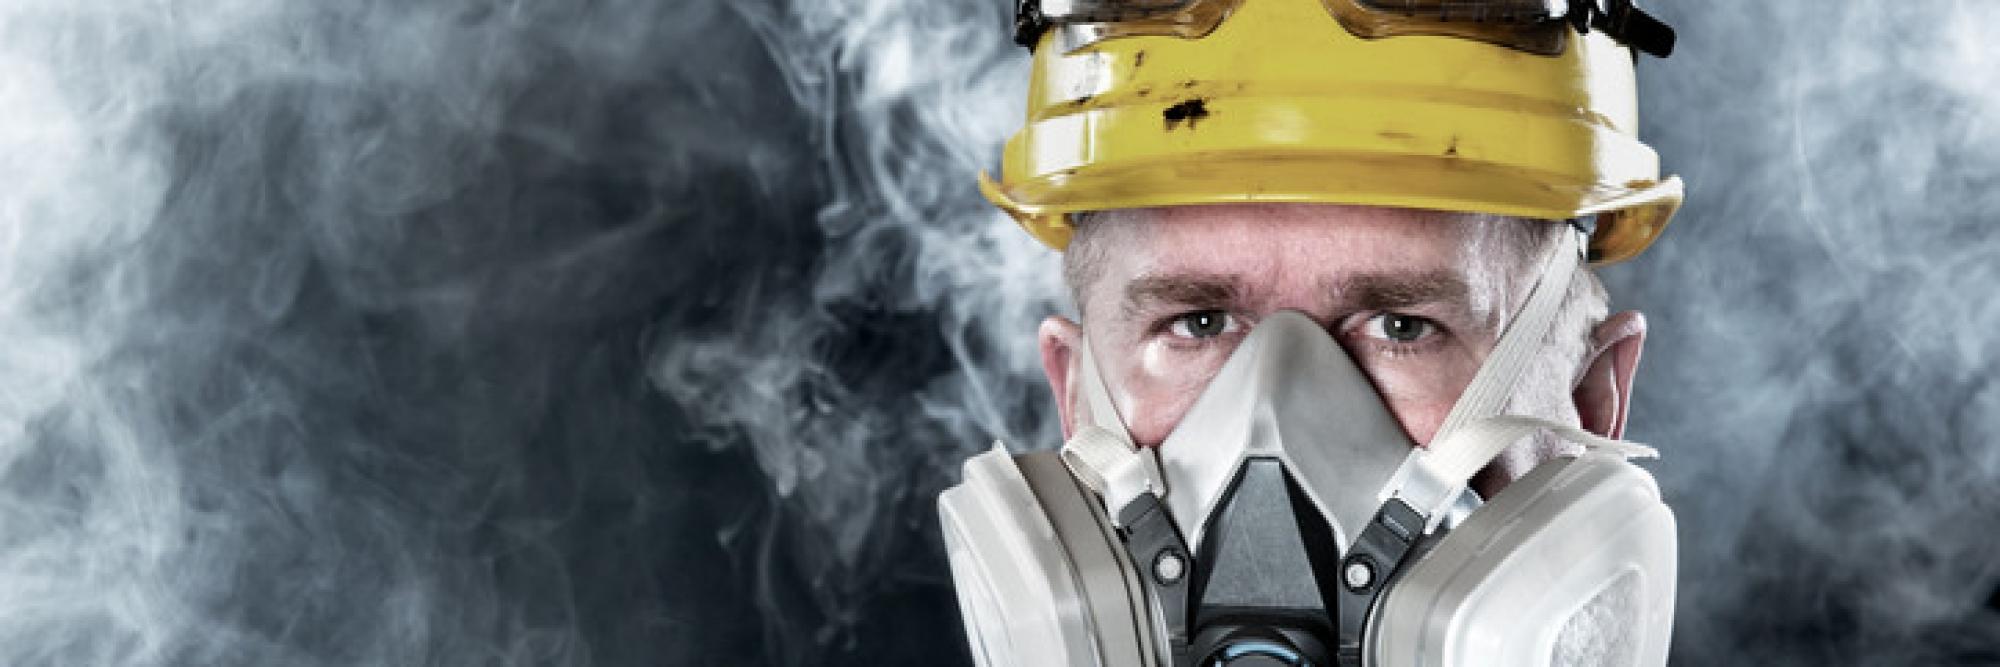 <big>Quantitative Respirator Fit Testing</big>